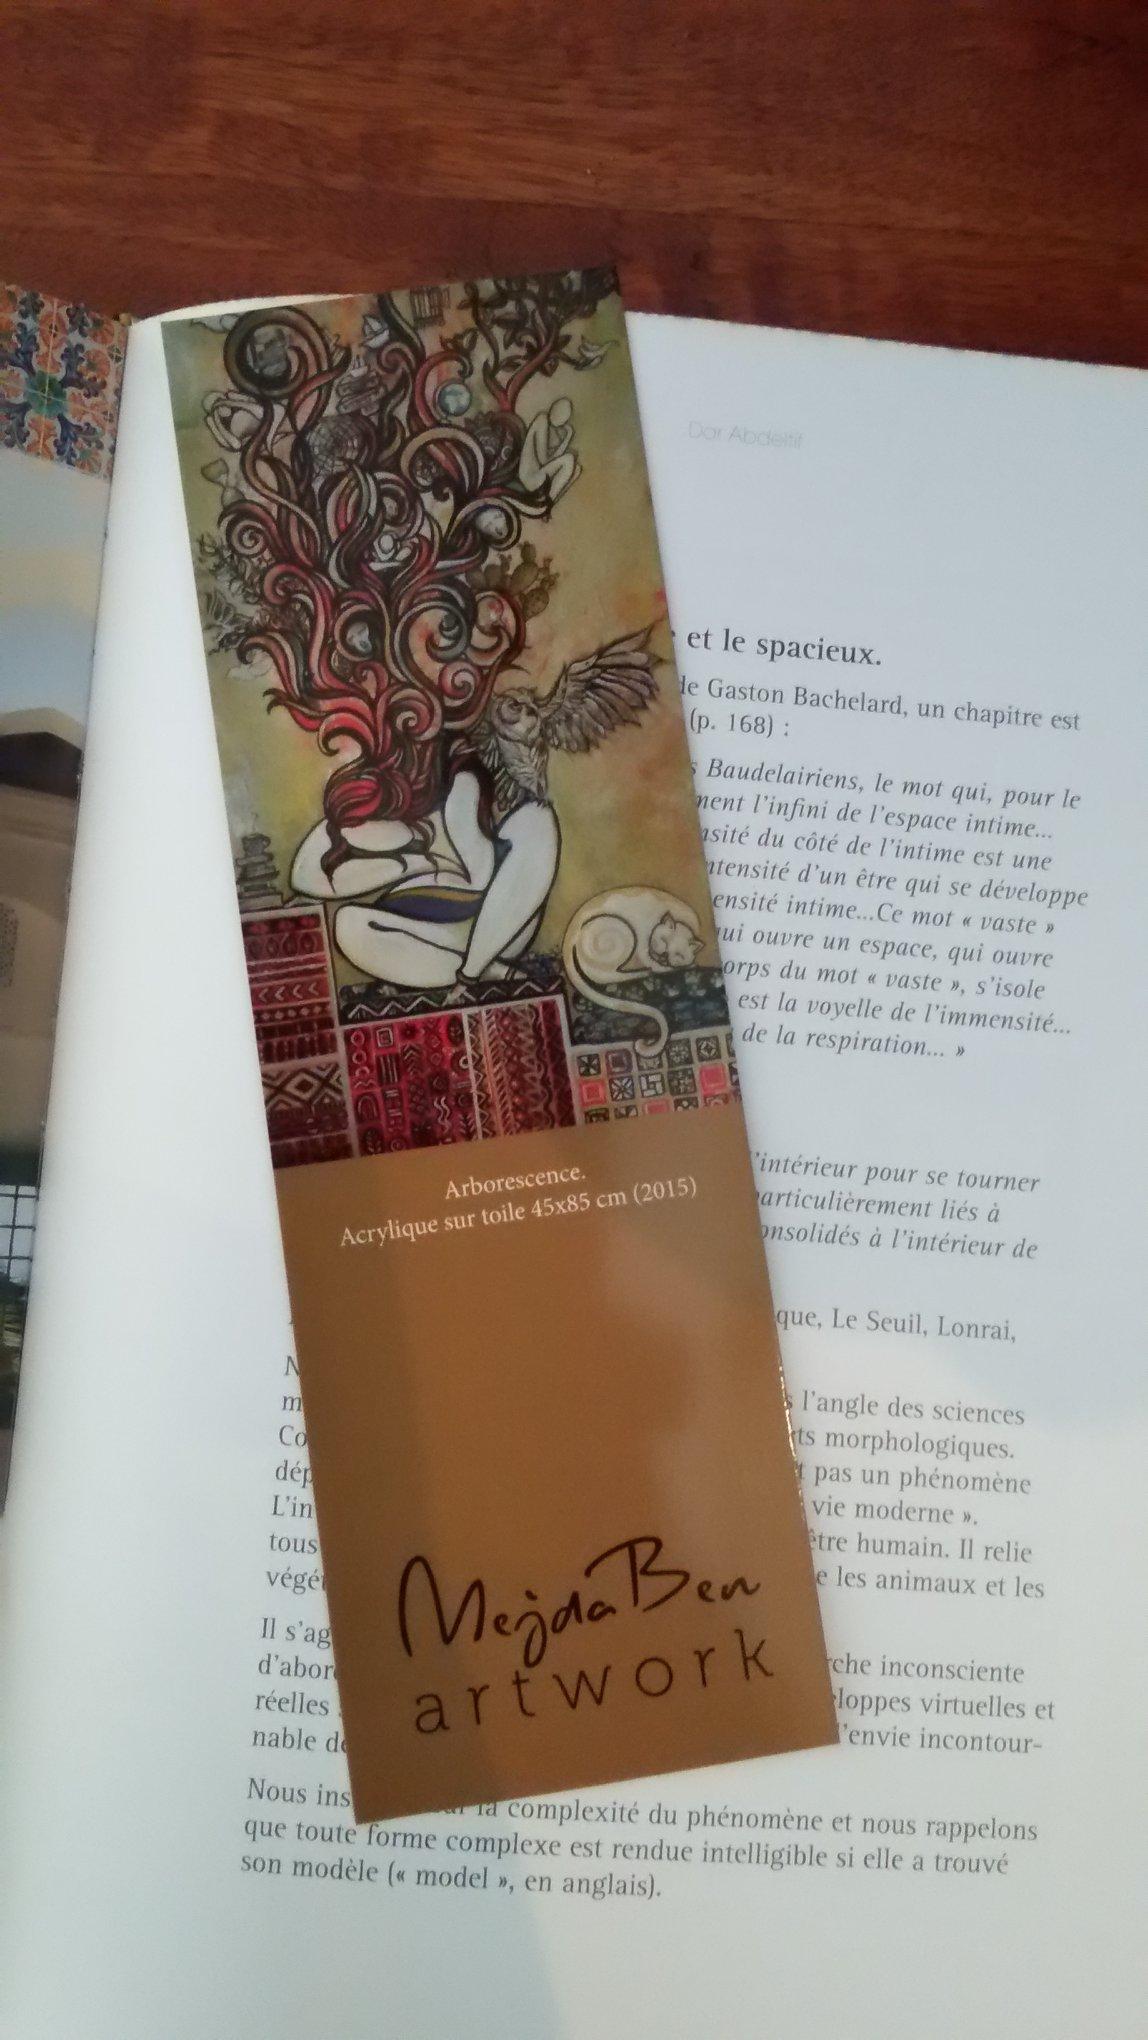 AlBayazin promeut et soutient les artistes algériens